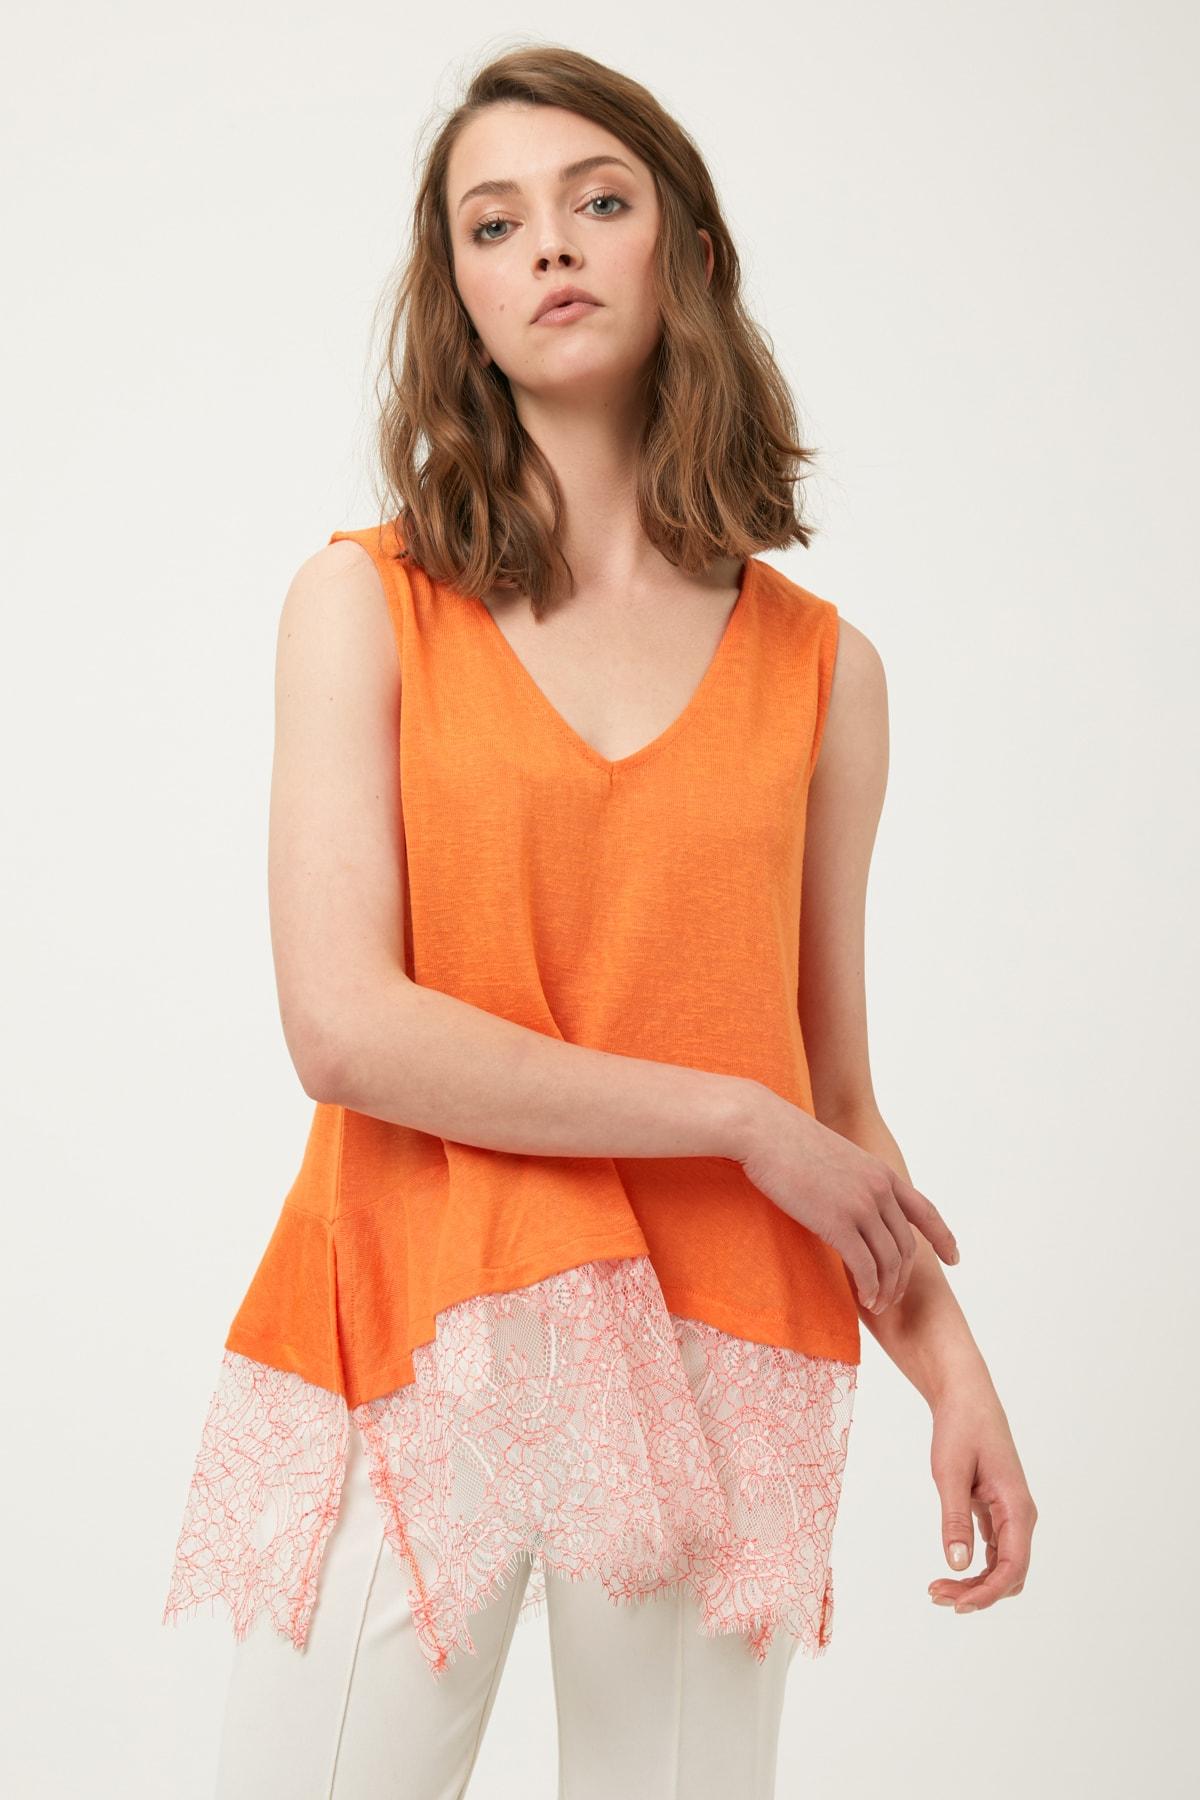 İpekyol Kadın Turuncu Eteği Dantel Mixli Tshirt IS1190070350127 2